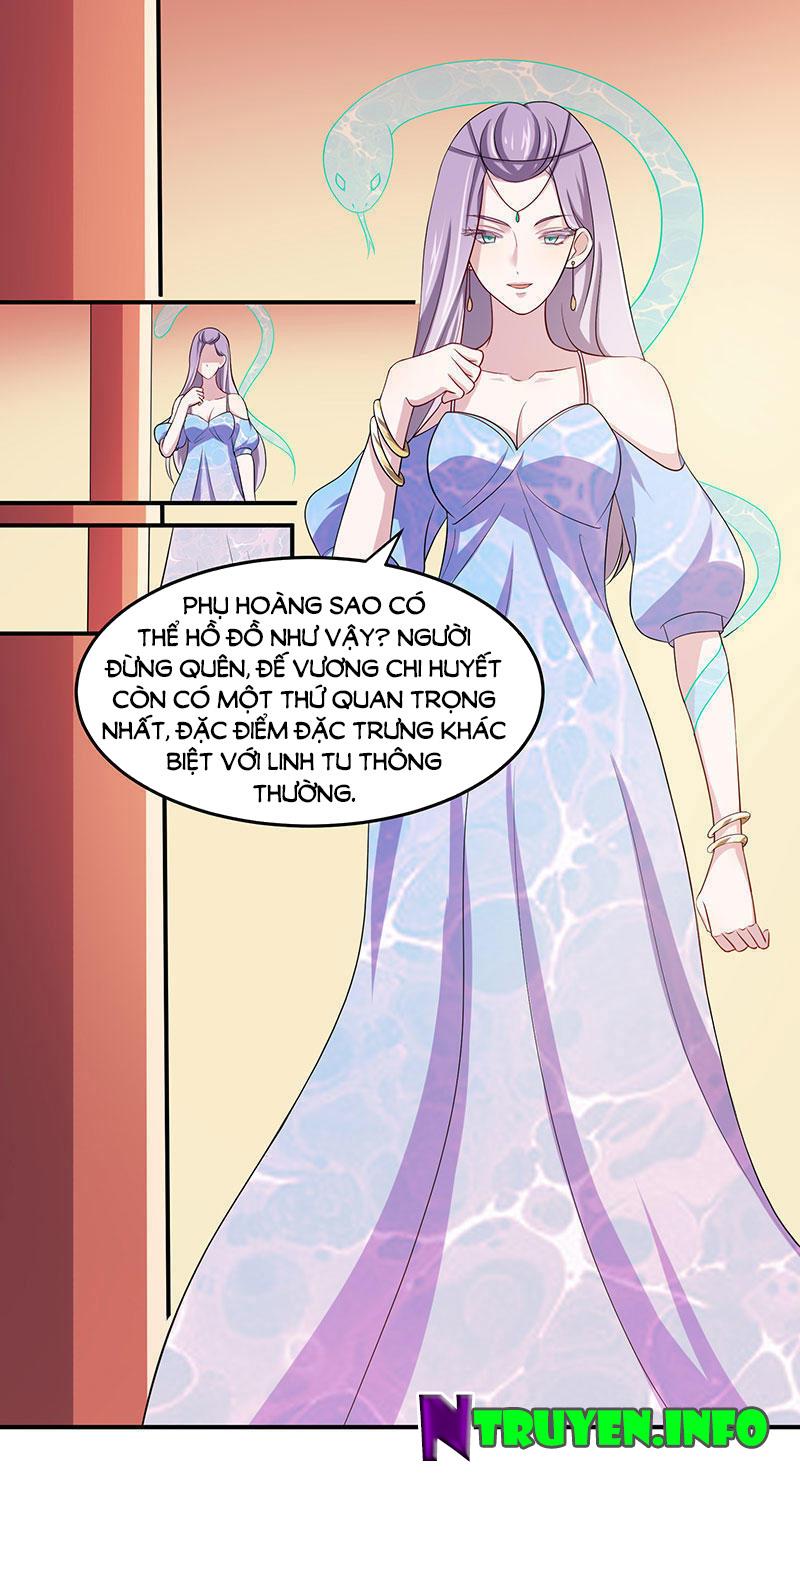 Khuynh thế đế vương cơ chap 3 - Trang 9